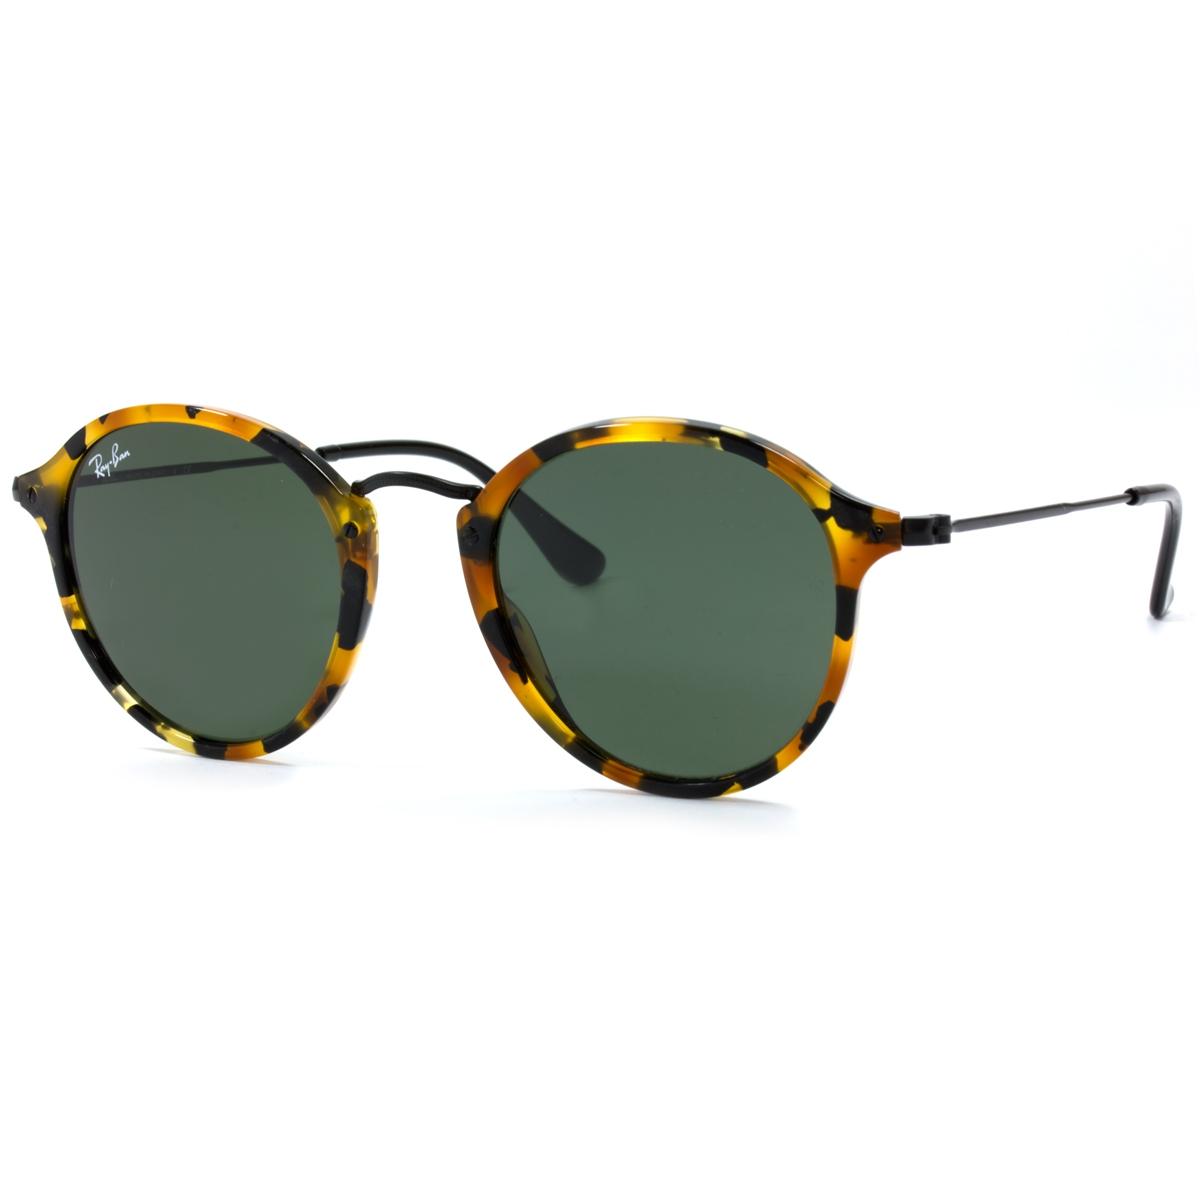 occhiali sole rayban 2447 ferrara